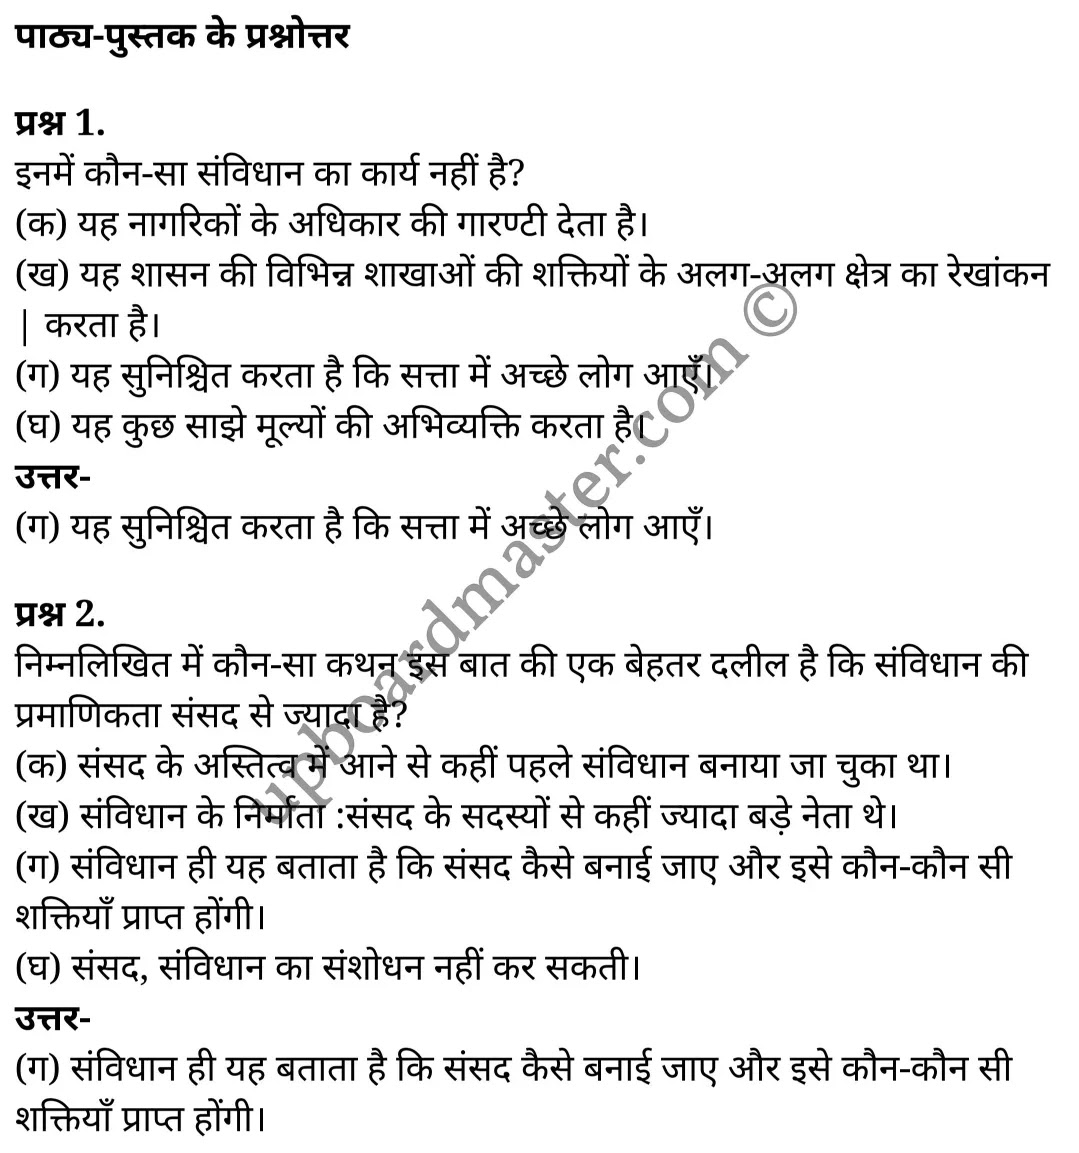 कक्षा 11 नागरिकशास्त्र  राजनीति विज्ञान अध्याय 1  के नोट्स  हिंदी में एनसीईआरटी समाधान,   class 11 civics chapter 1,  class 11 civics chapter 1 ncert solutions in civics,  class 11 civics chapter 1 notes in hindi,  class 11 civics chapter 1 question answer,  class 11 civics chapter 1 notes,  class 11 civics chapter 1 class 11 civics  chapter 1 in  hindi,   class 11 civics chapter 1 important questions in  hindi,  class 11 civics hindi  chapter 1 notes in hindi,   class 11 civics  chapter 1 test,  class 11 civics  chapter 1 class 11 civics  chapter 1 pdf,  class 11 civics  chapter 1 notes pdf,  class 11 civics  chapter 1 exercise solutions,  class 11 civics  chapter 1, class 11 civics  chapter 1 notes study rankers,  class 11 civics  chapter 1 notes,  class 11 civics hindi  chapter 1 notes,   class 11 civics   chapter 1  class 11  notes pdf,  class 11 civics  chapter 1 class 11  notes  ncert,  class 11 civics  chapter 1 class 11 pdf,  class 11 civics  chapter 1  book,  class 11 civics  chapter 1 quiz class 11  ,     11  th class 11 civics chapter 1    book up board,   up board 11  th class 11 civics chapter 1 notes,  class 11 civics  Political Science chapter 1,  class 11 civics  Political Science chapter 1 ncert solutions in civics,  class 11 civics  Political Science chapter 1 notes in hindi,  class 11 civics  Political Science chapter 1 question answer,  class 11 civics  Political Science  chapter 1 notes,  class 11 civics  Political Science  chapter 1 class 11 civics  chapter 1 in  hindi,   class 11 civics  Political Science chapter 1 important questions in  hindi,  class 11 civics  Political Science  chapter 1 notes in hindi,   class 11 civics  Political Science  chapter 1 test,  class 11 civics  Political Science  chapter 1 class 11 civics  chapter 1 pdf,  class 11 civics  Political Science chapter 1 notes pdf,  class 11 civics  Political Science  chapter 1 exercise solutions,  class 11 civics  Political Science  chapter 1, class 11 civics  Political Science  c